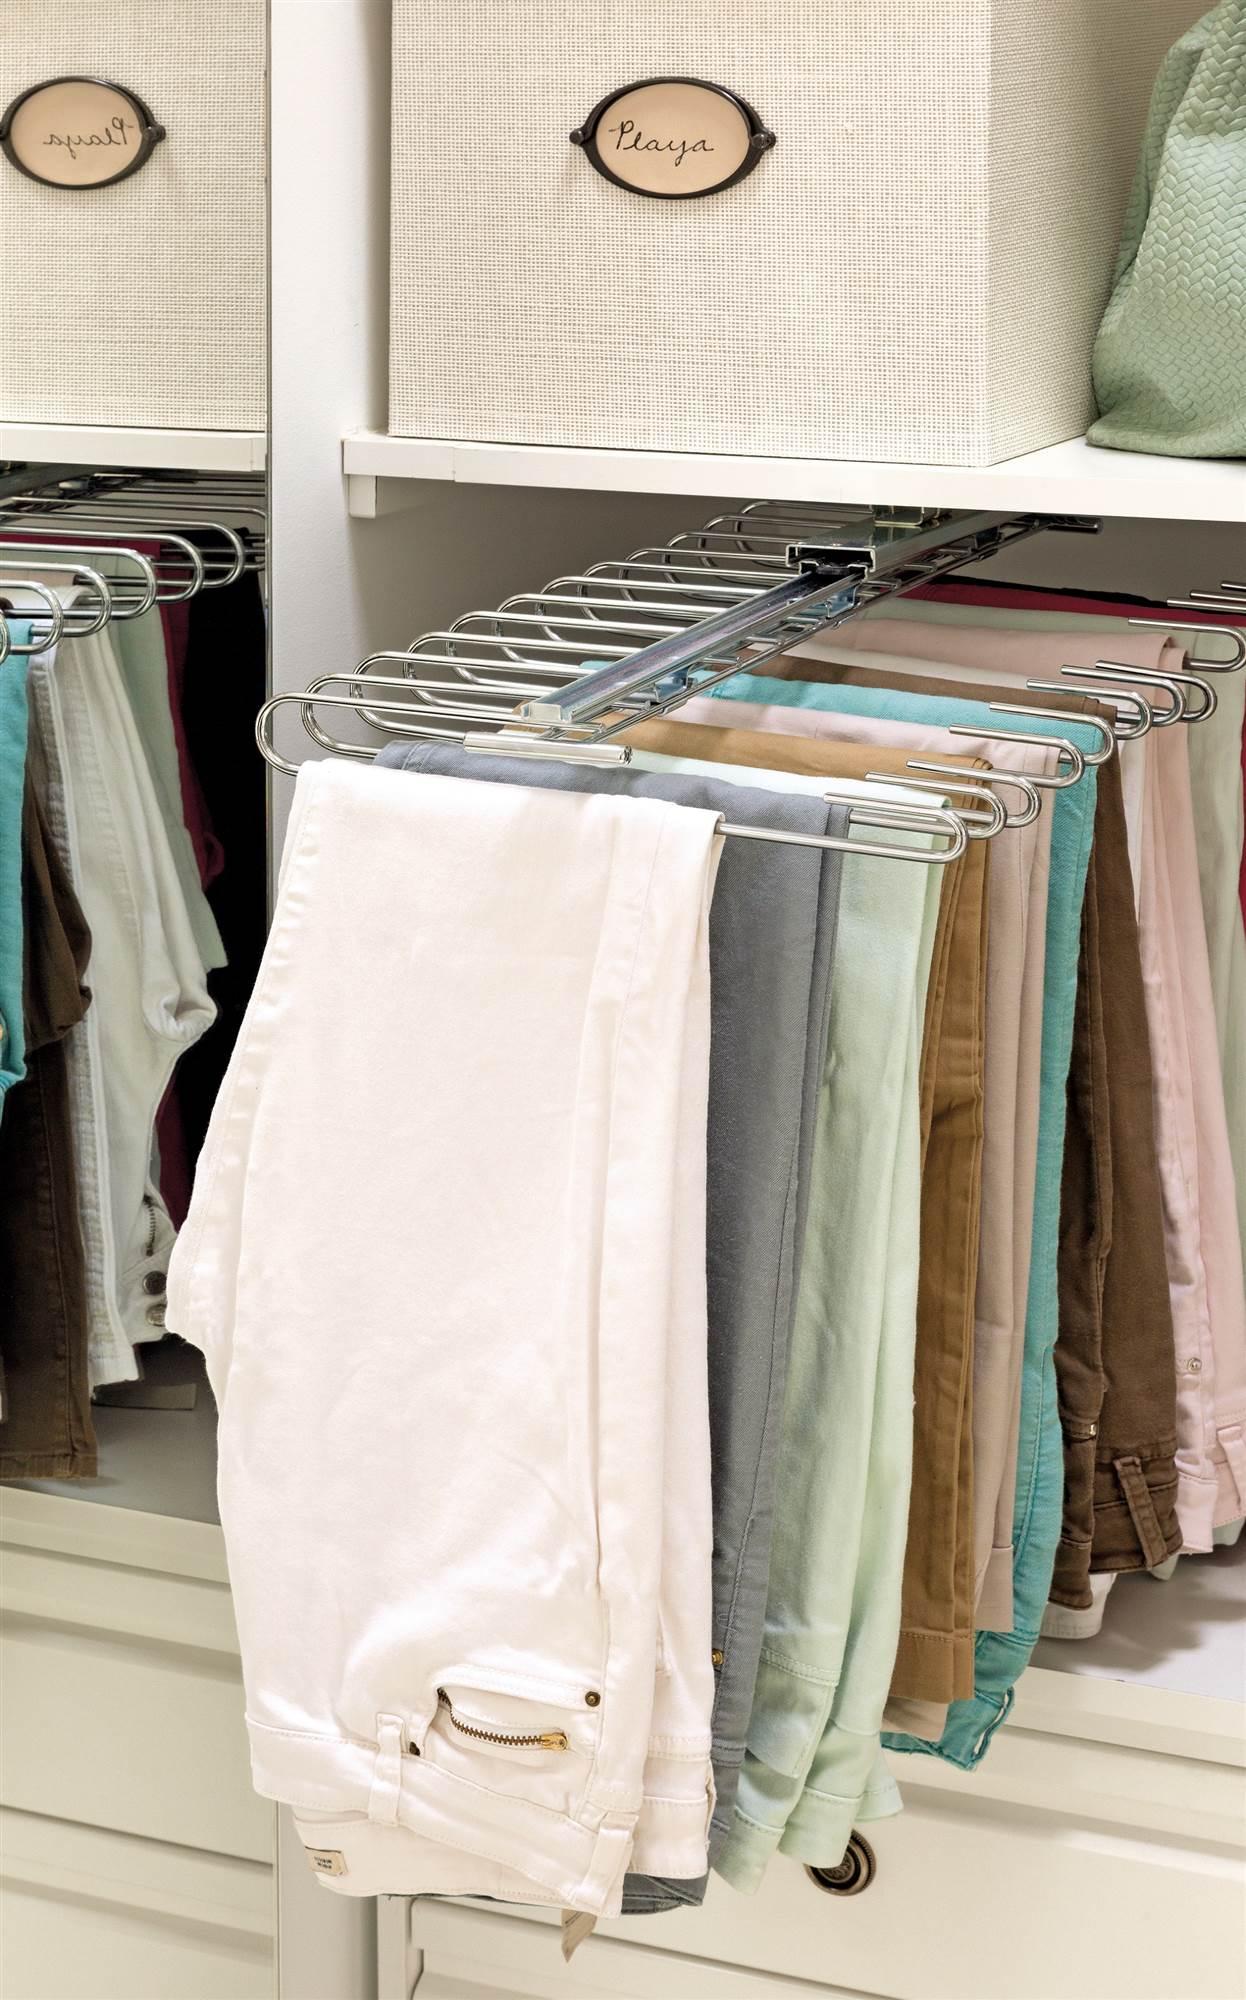 C mo ordenar el armario paso a paso - Perchas pantalones ikea ...